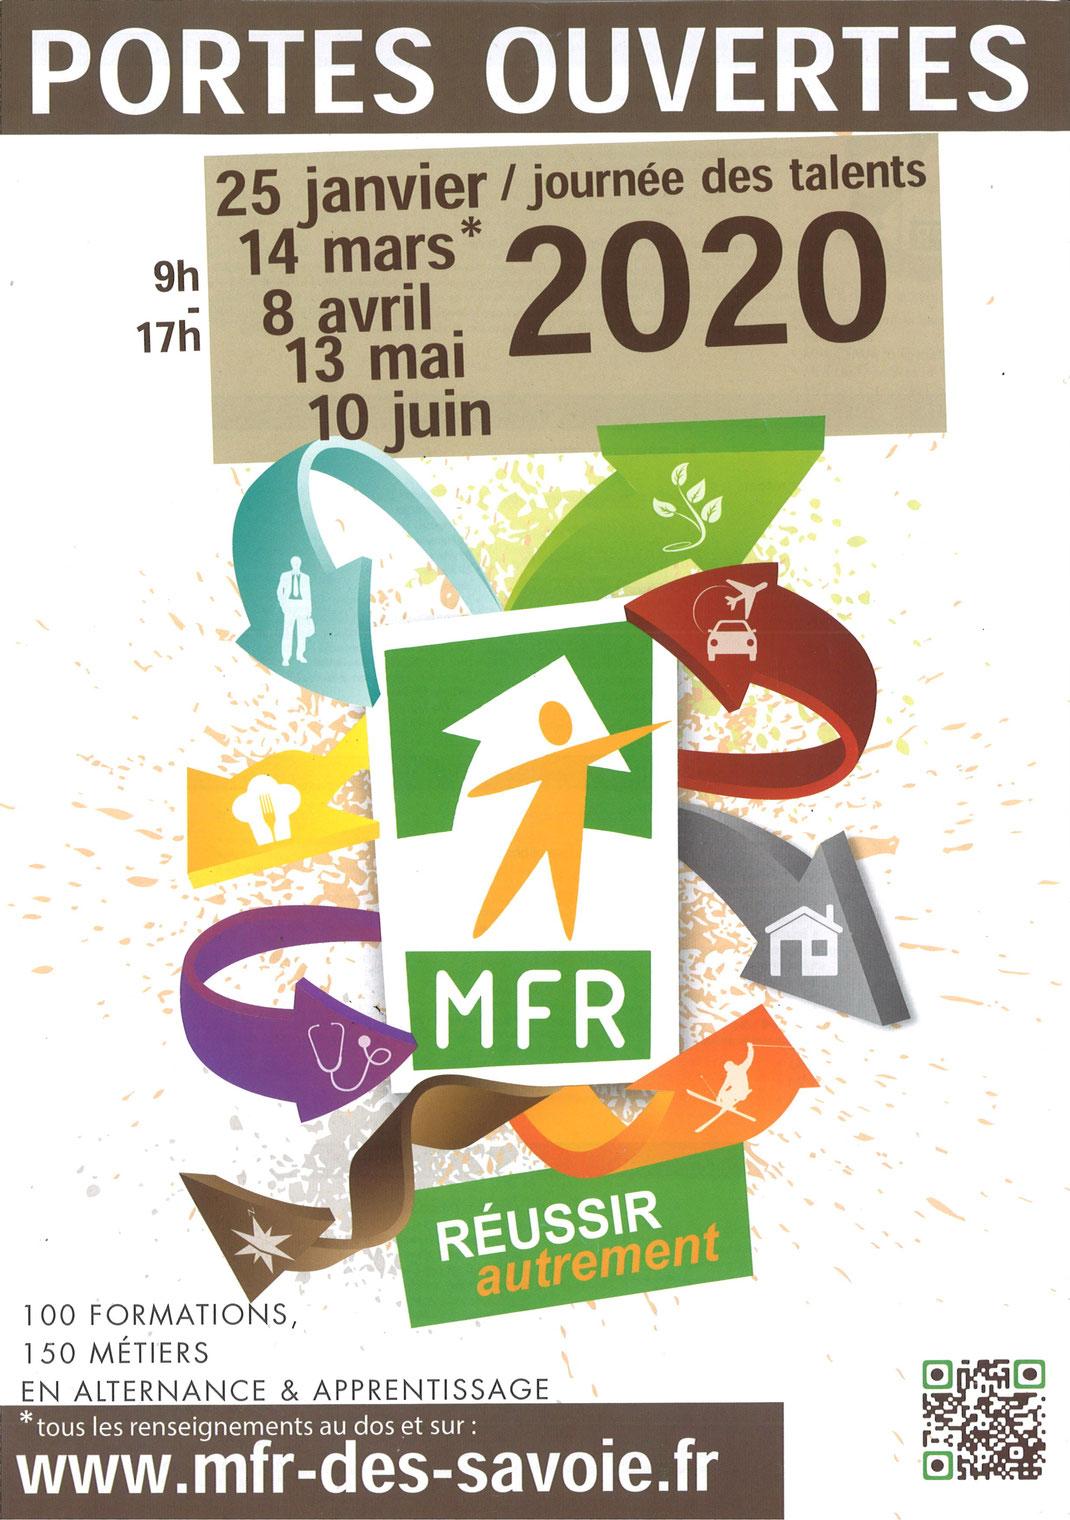 MFR - CAP | BEP | BEPa | BP | BAC PROFESSIONNEL | BTS  Portes ouvertes: Samedi 14 Mars 2020 09:00-17:00  MFR - 25, route de Metz - 74960 Meythet  04 50 22 70 60 | https://www.mfr-des-savoie.fr/index.php